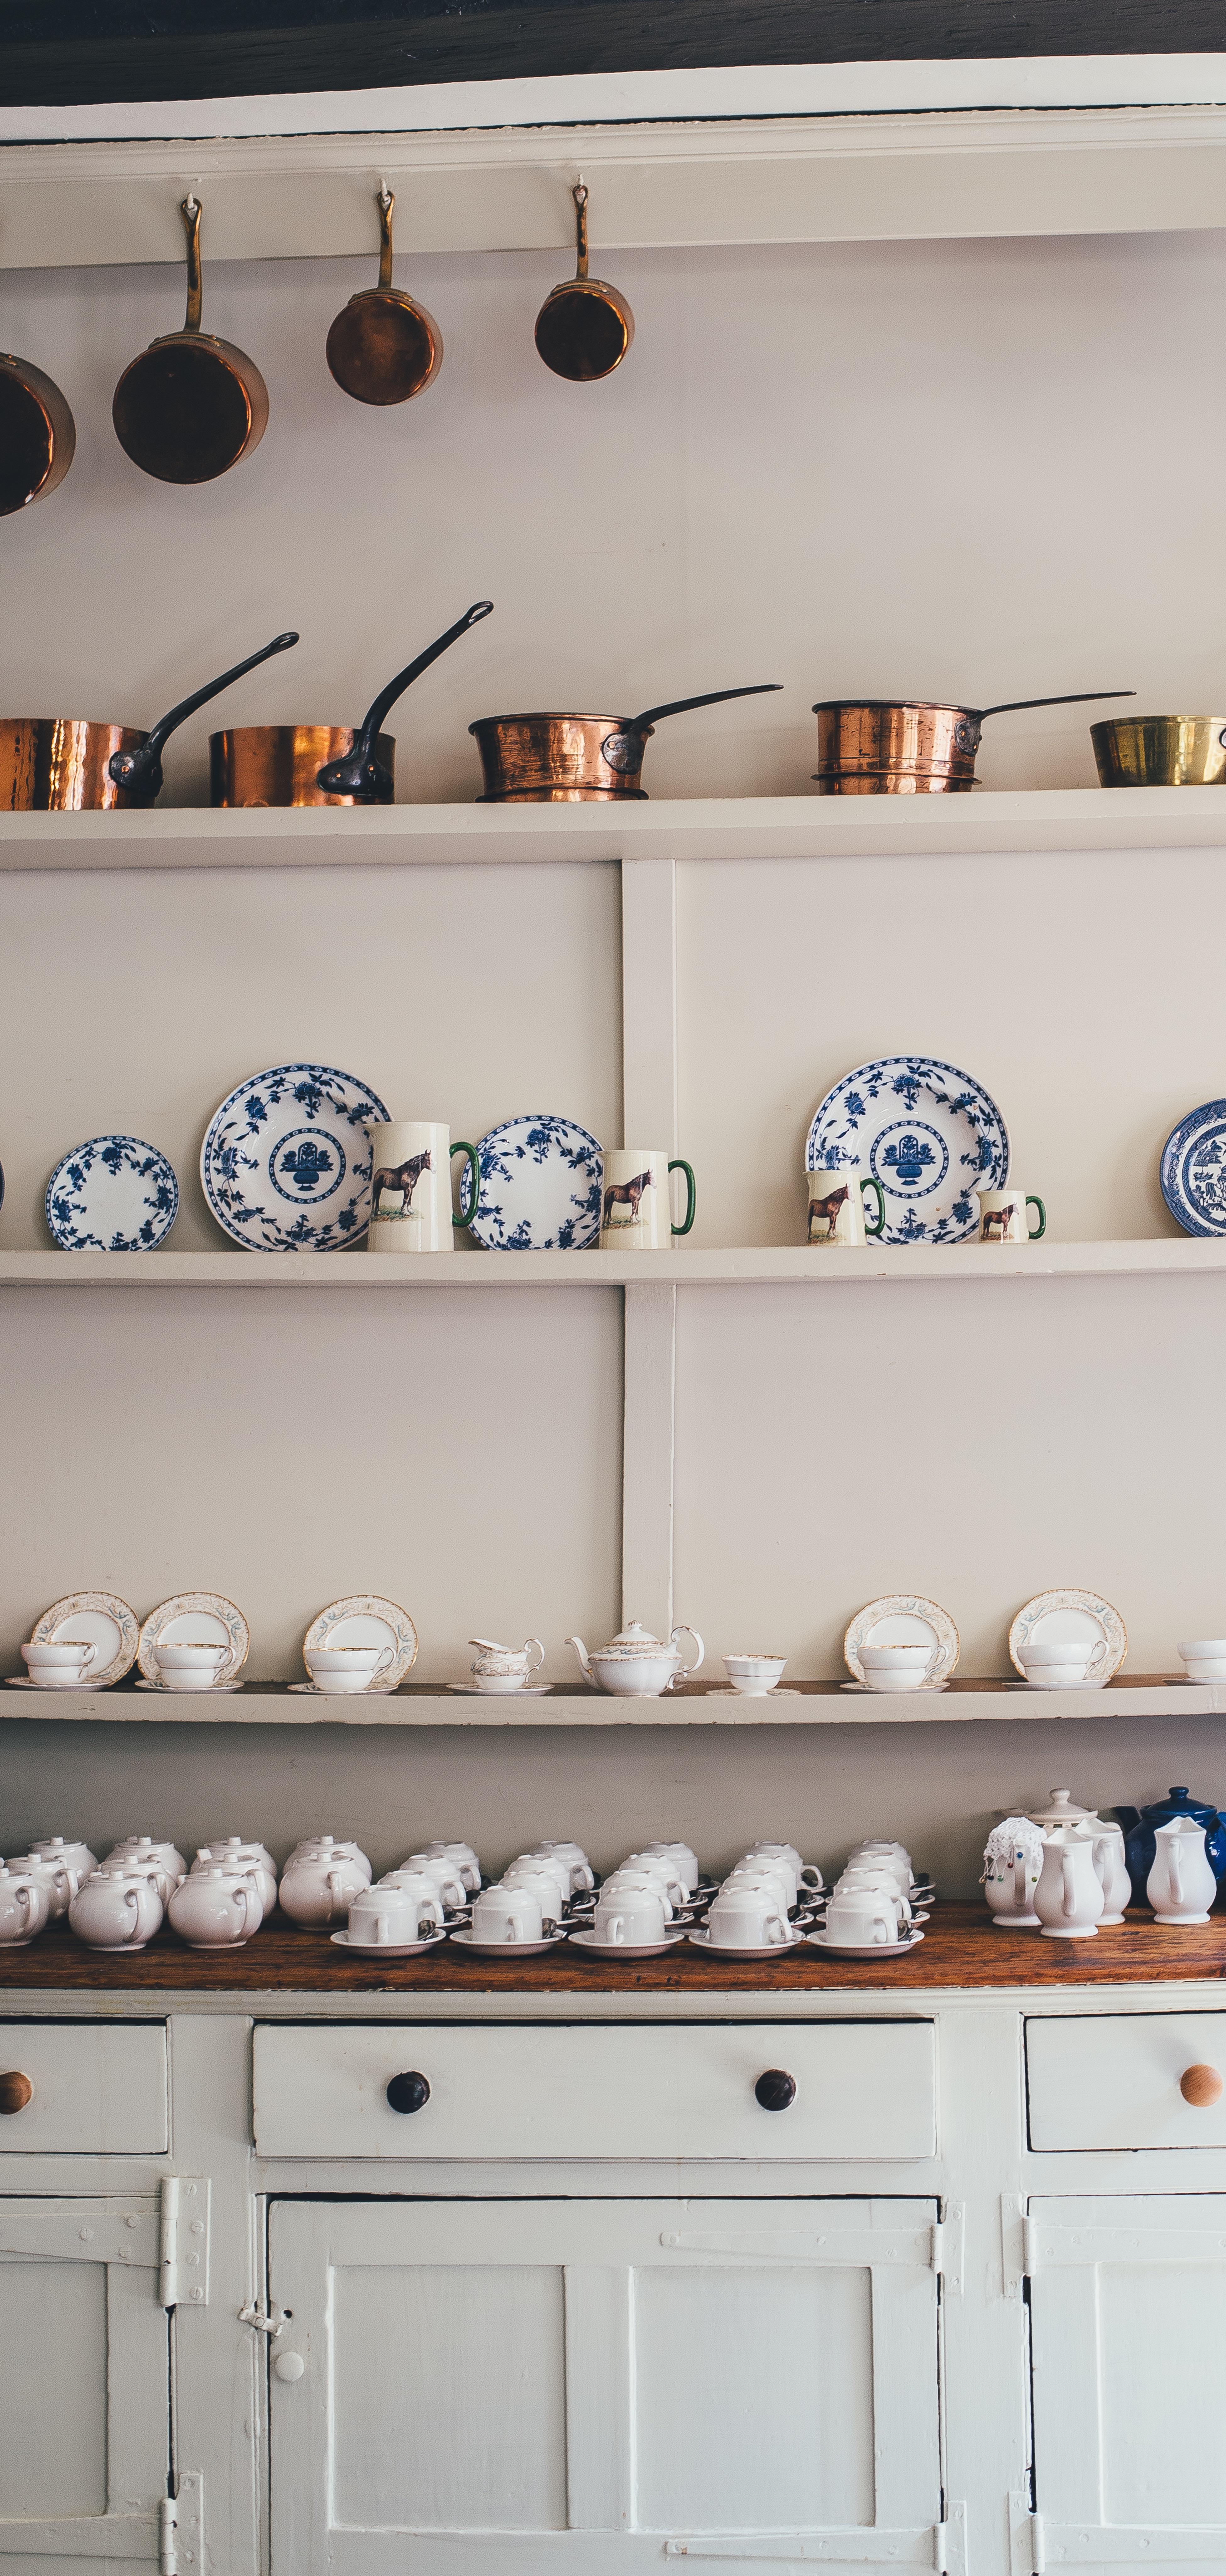 Kostenlose foto : Weiß, Küche, Regal, Möbel, Zimmer ...